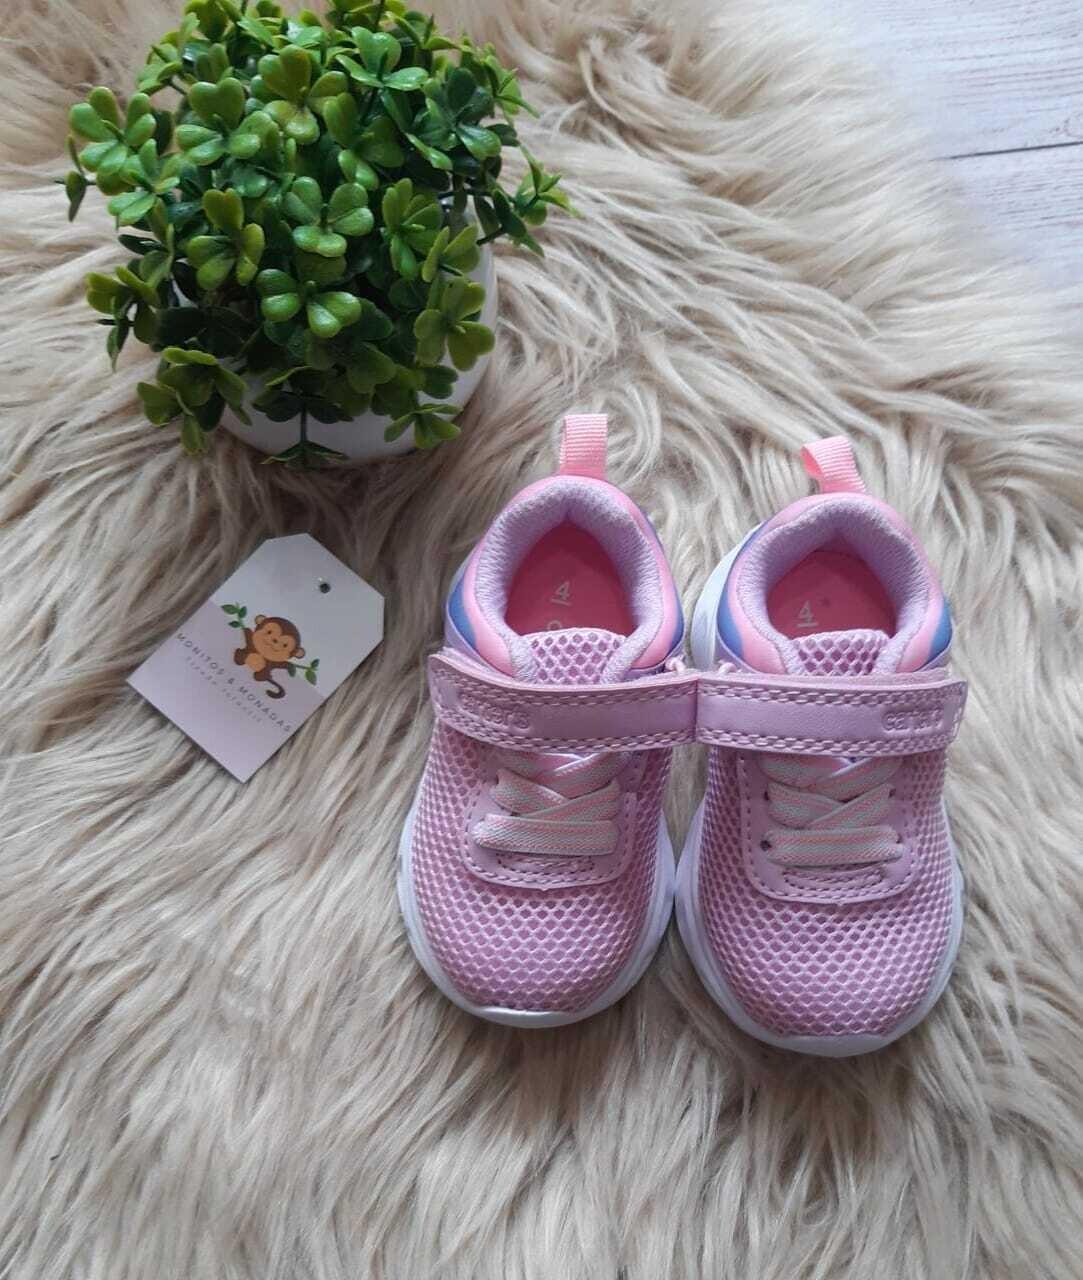 Zapatos con luces Carters rosados, talla 4us